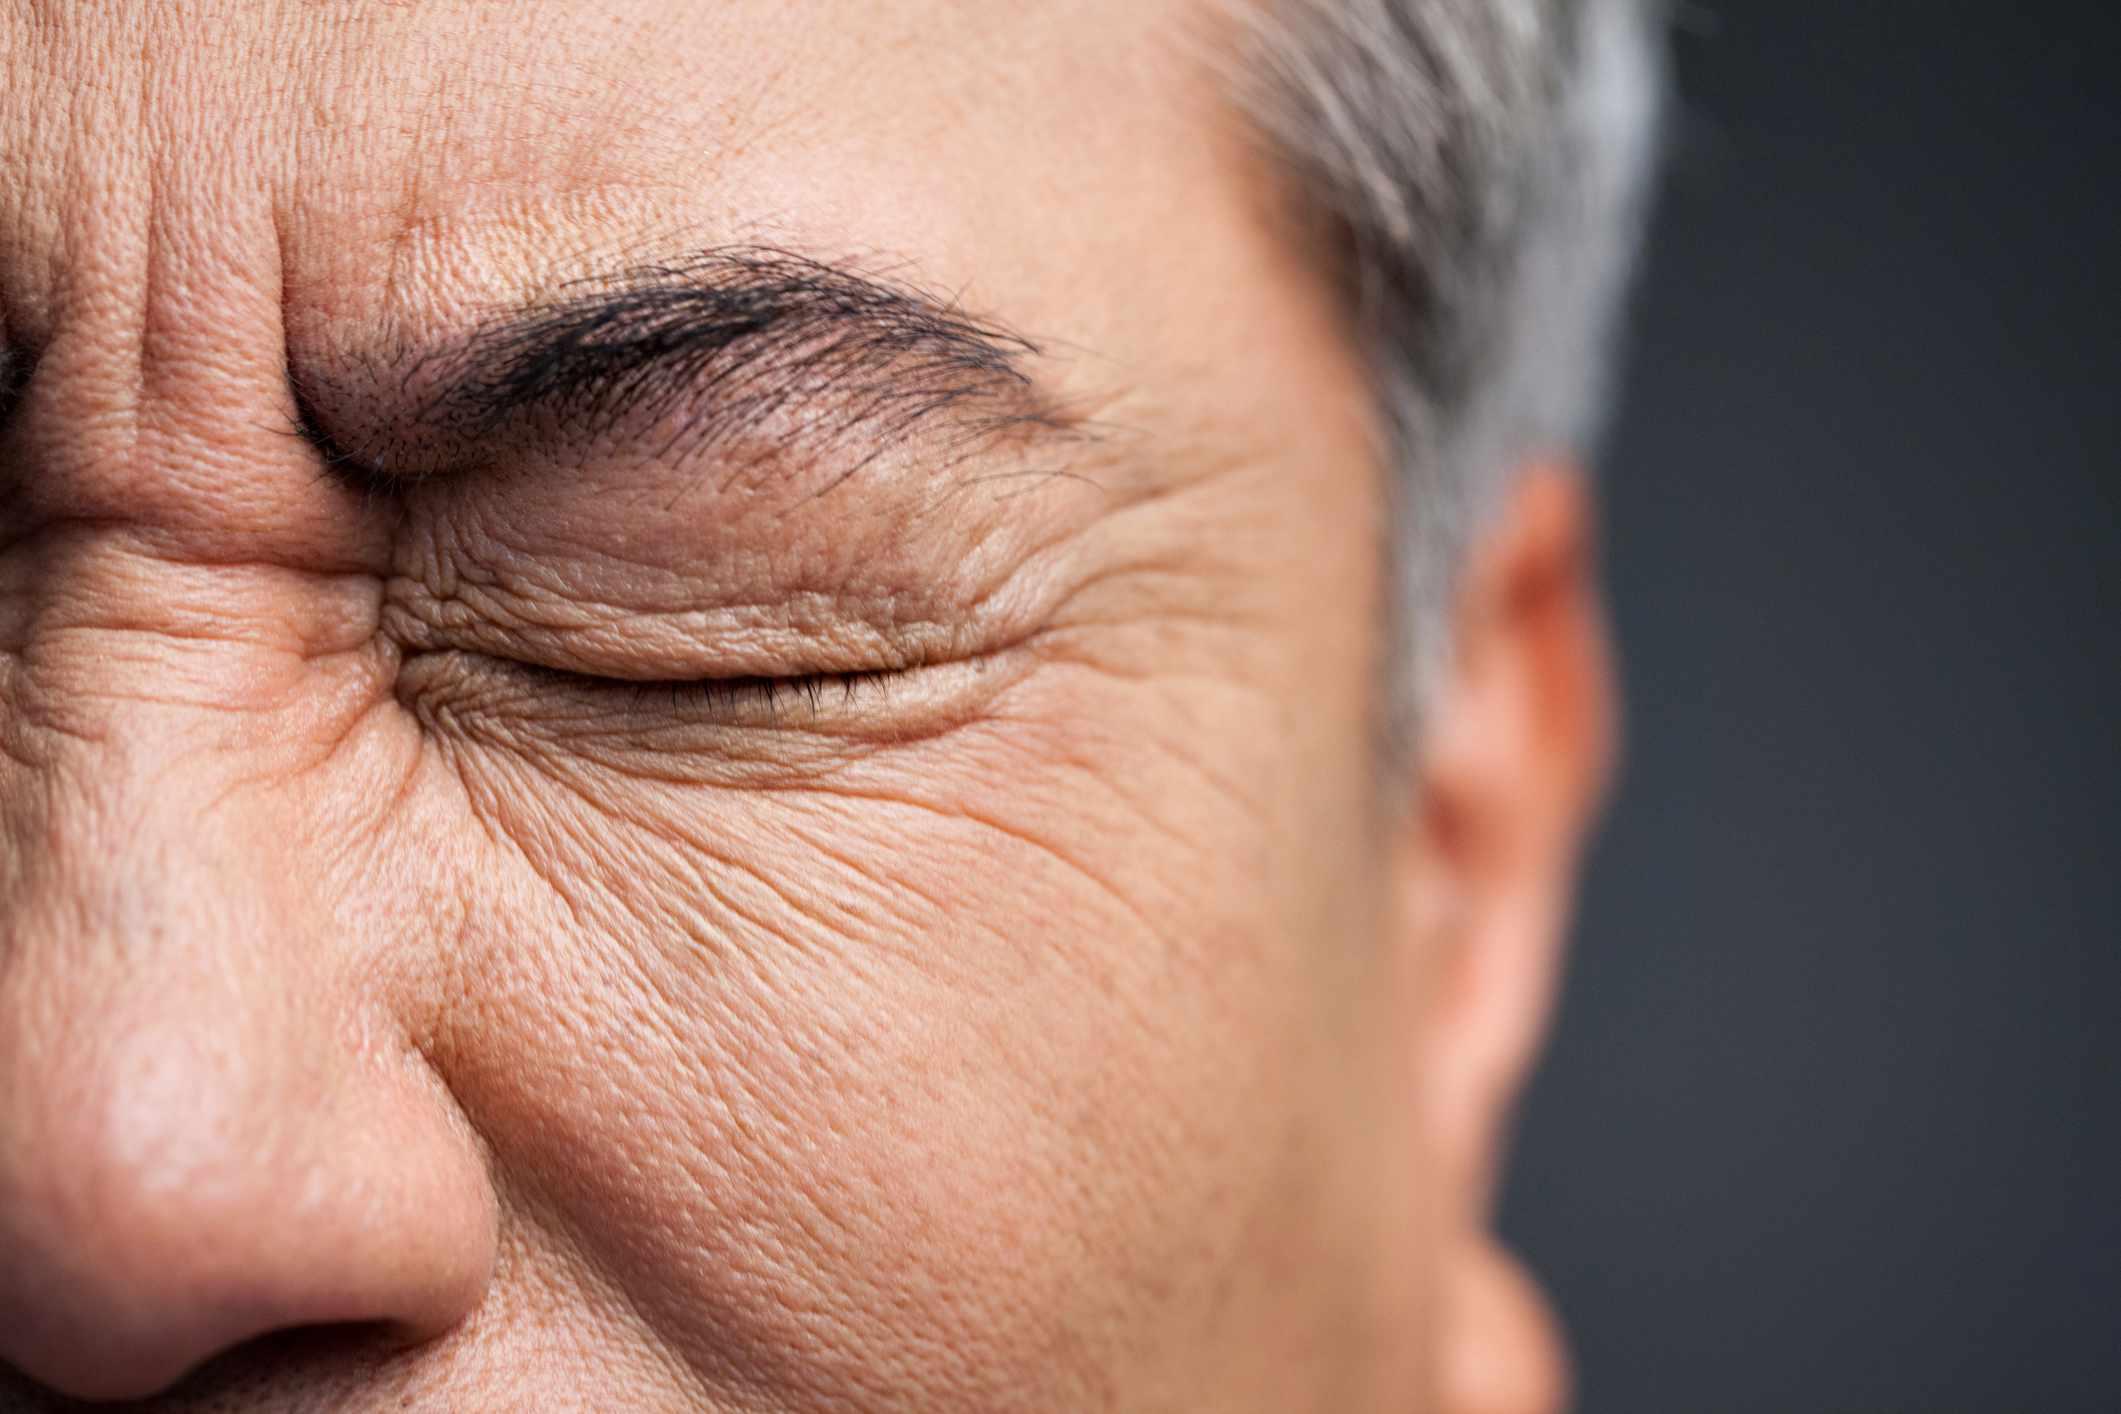 Man closing eyes due to eye irritation